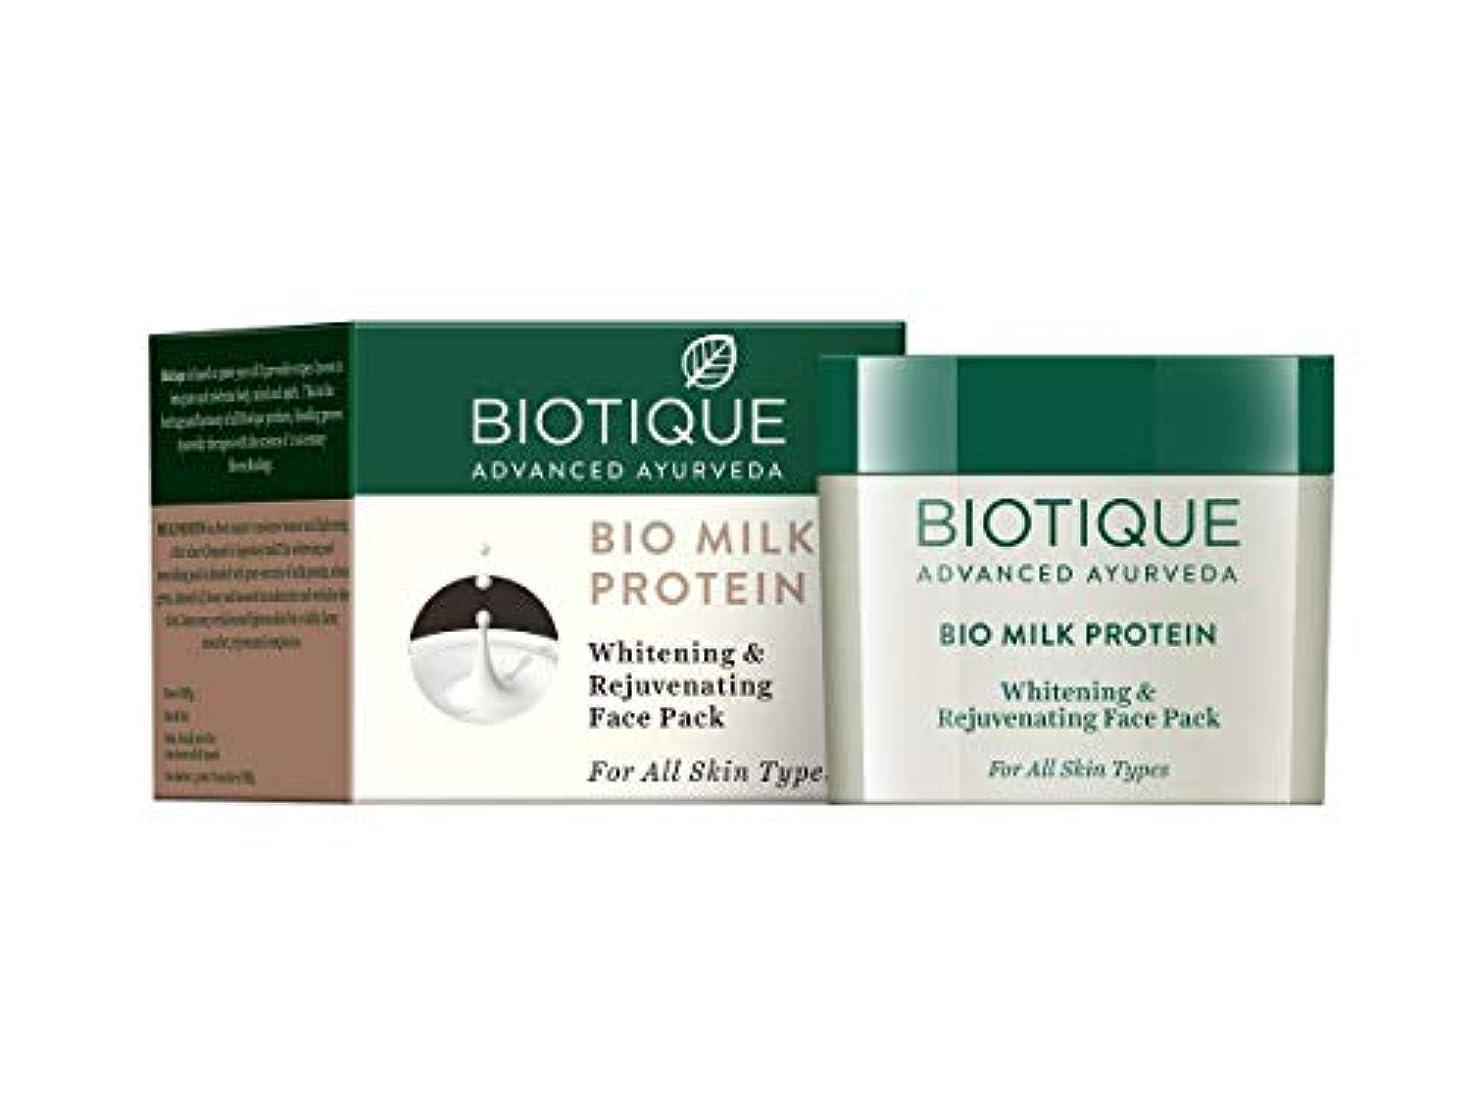 対称哺乳類カタログBiotique Bio Milk Protein Whitening & Rejuvenating Face Pack 50g moisturize Skin バイオパックバイオミルクプロテインホワイトニング&活性化フェイスパック